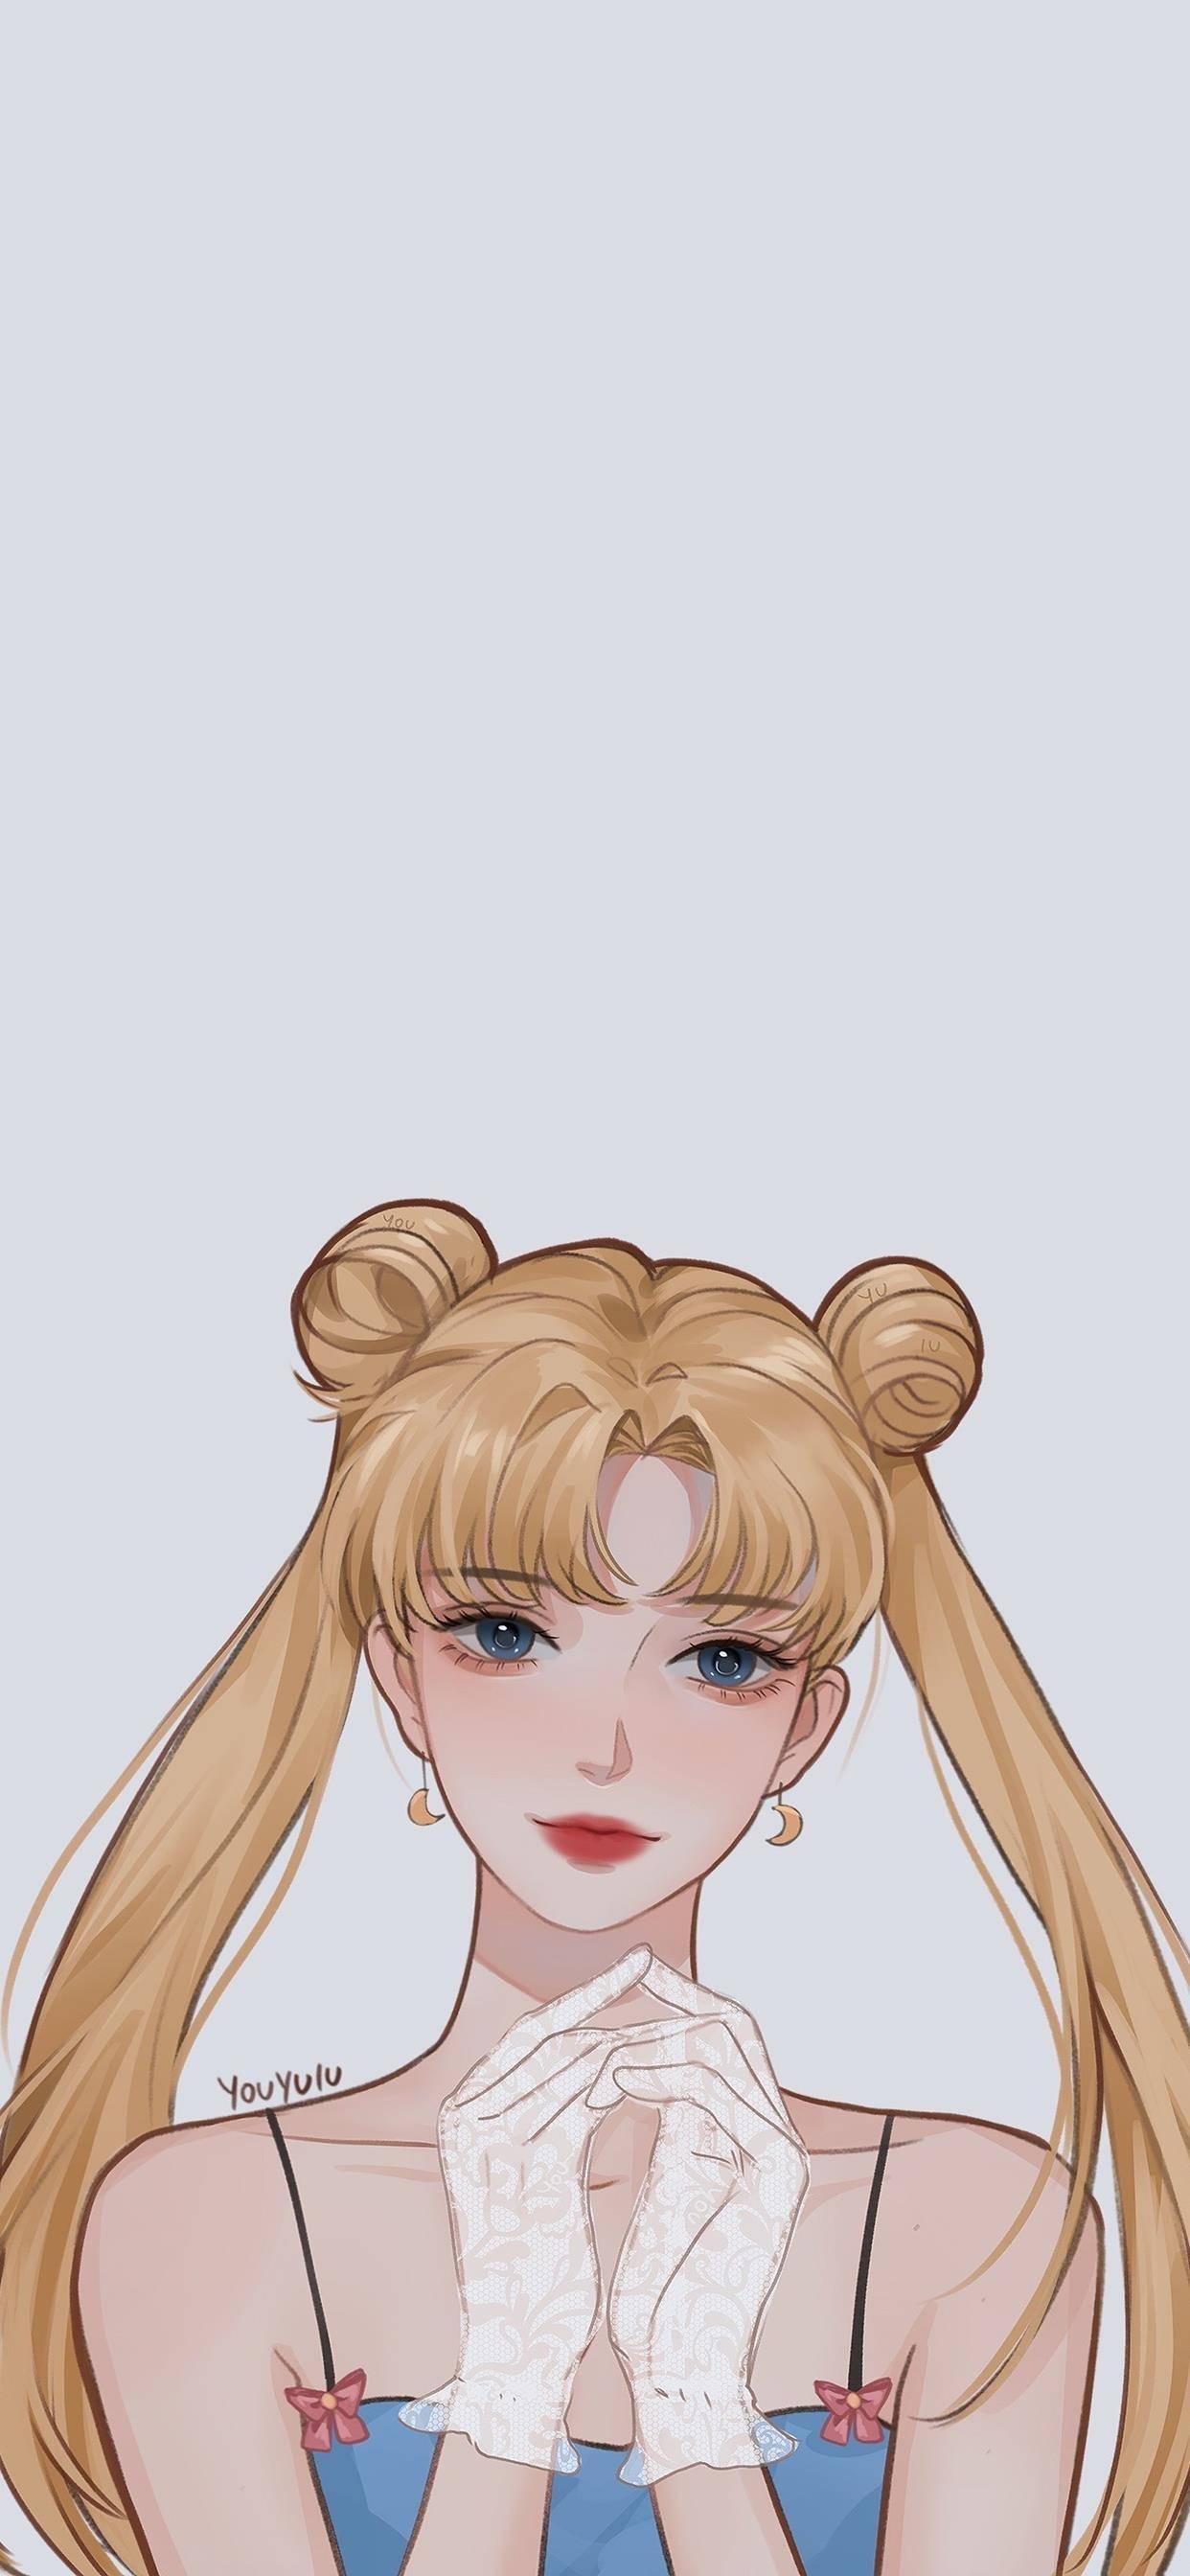 甜美少女手绘美图手机壁纸